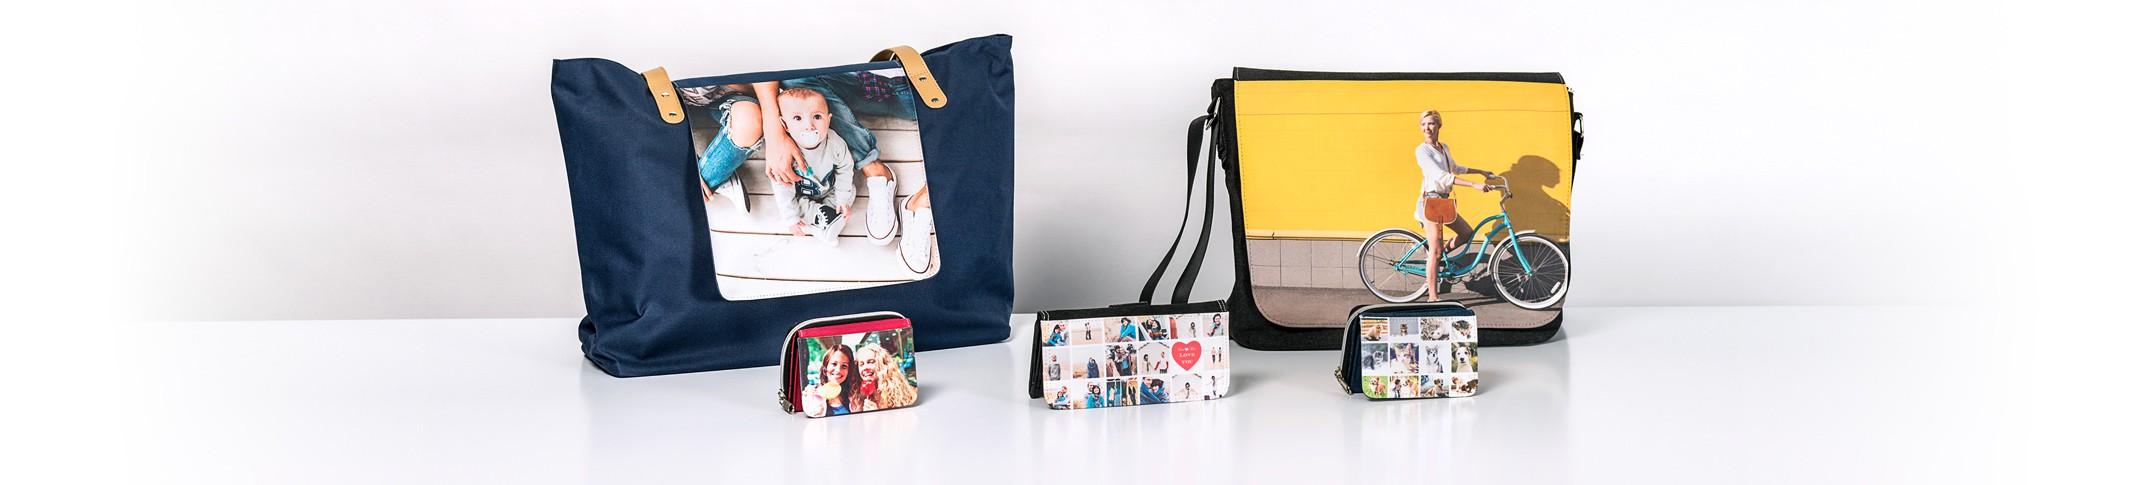 Gör snygga väskor och plånböcker med dina egna bilder aad584d246807